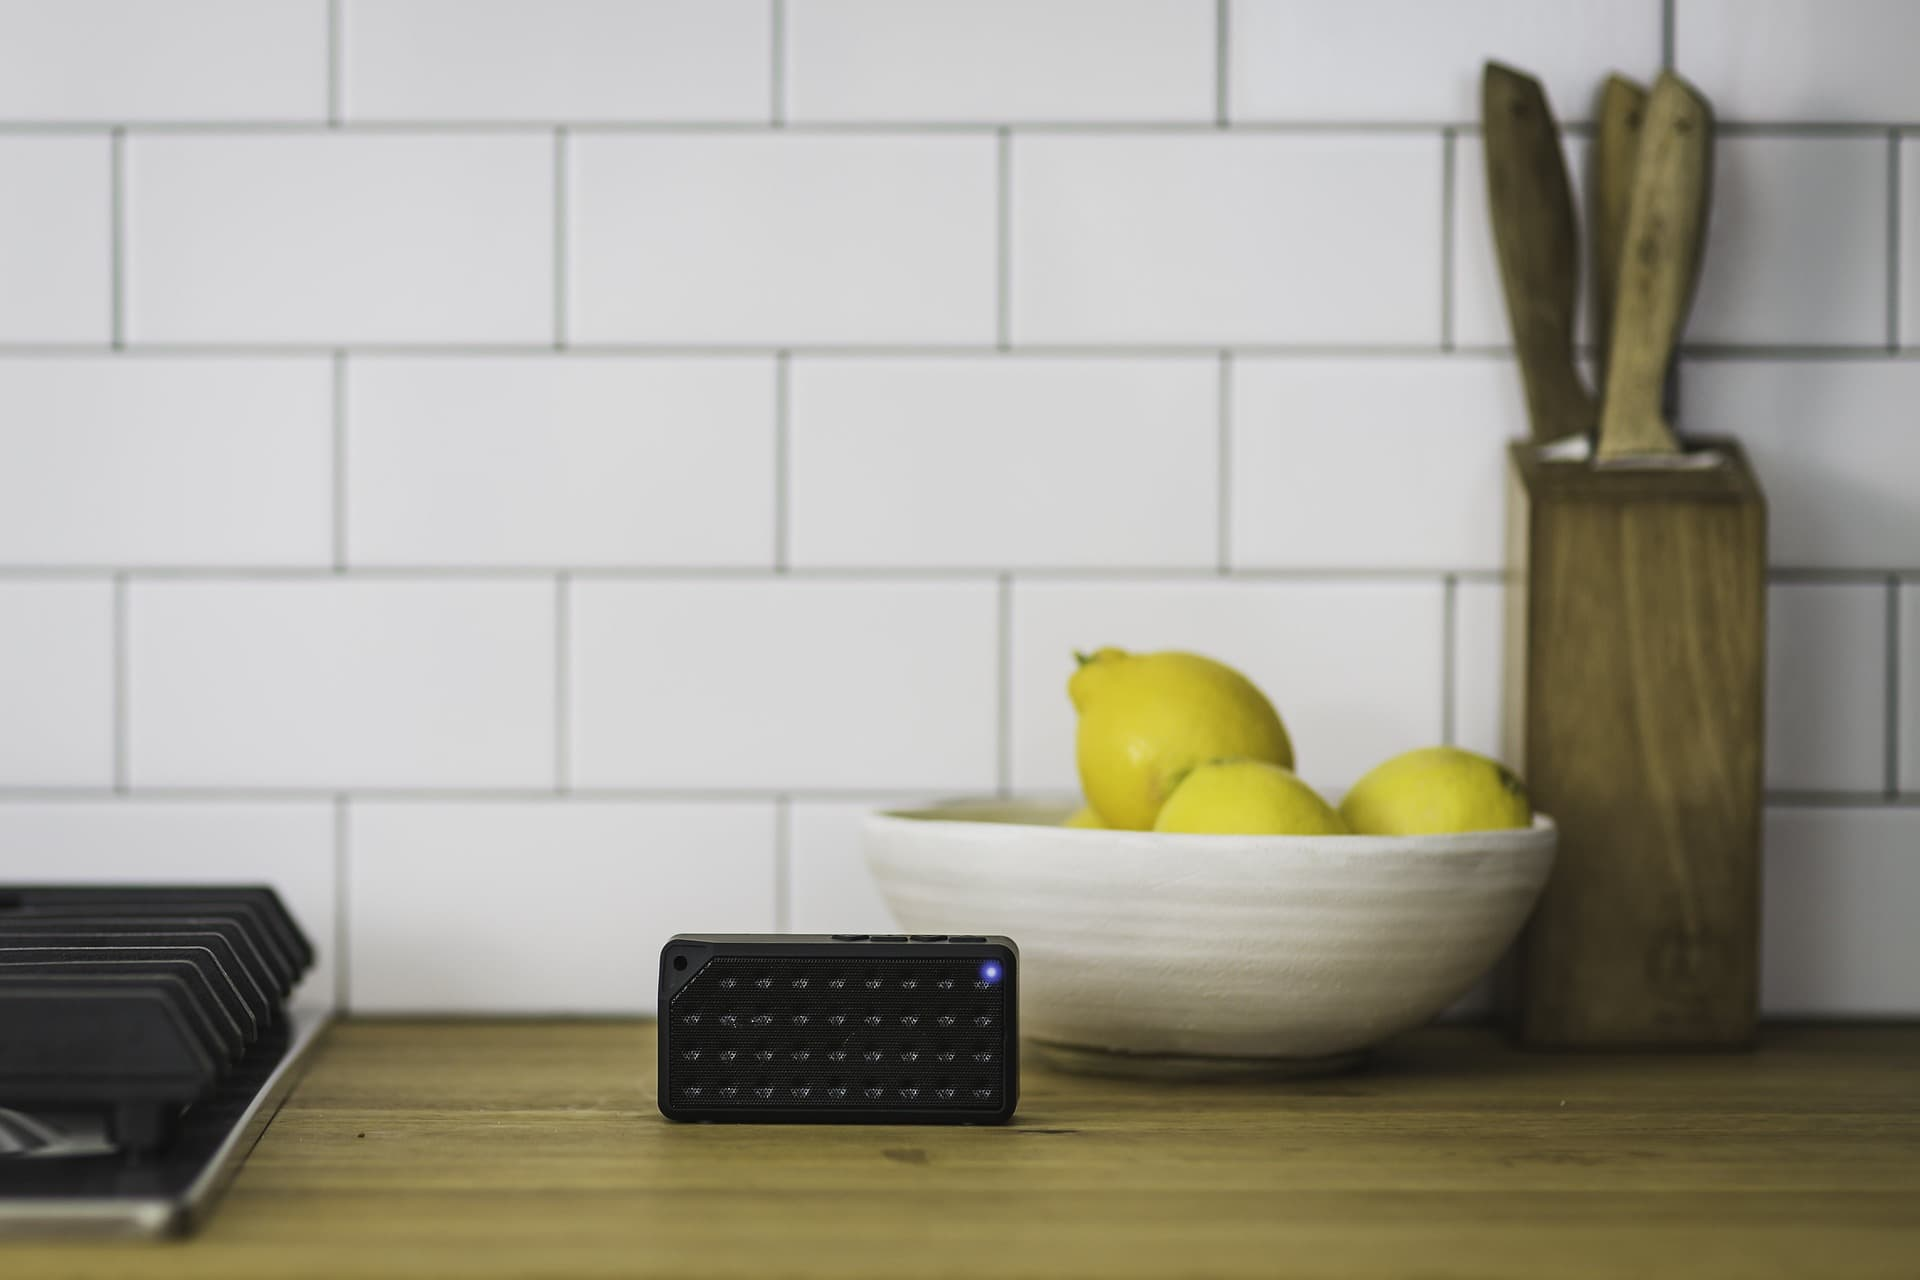 Bluetooth speaker in keuken, bij fruitschaal met citroenen. Vooraanzicht.